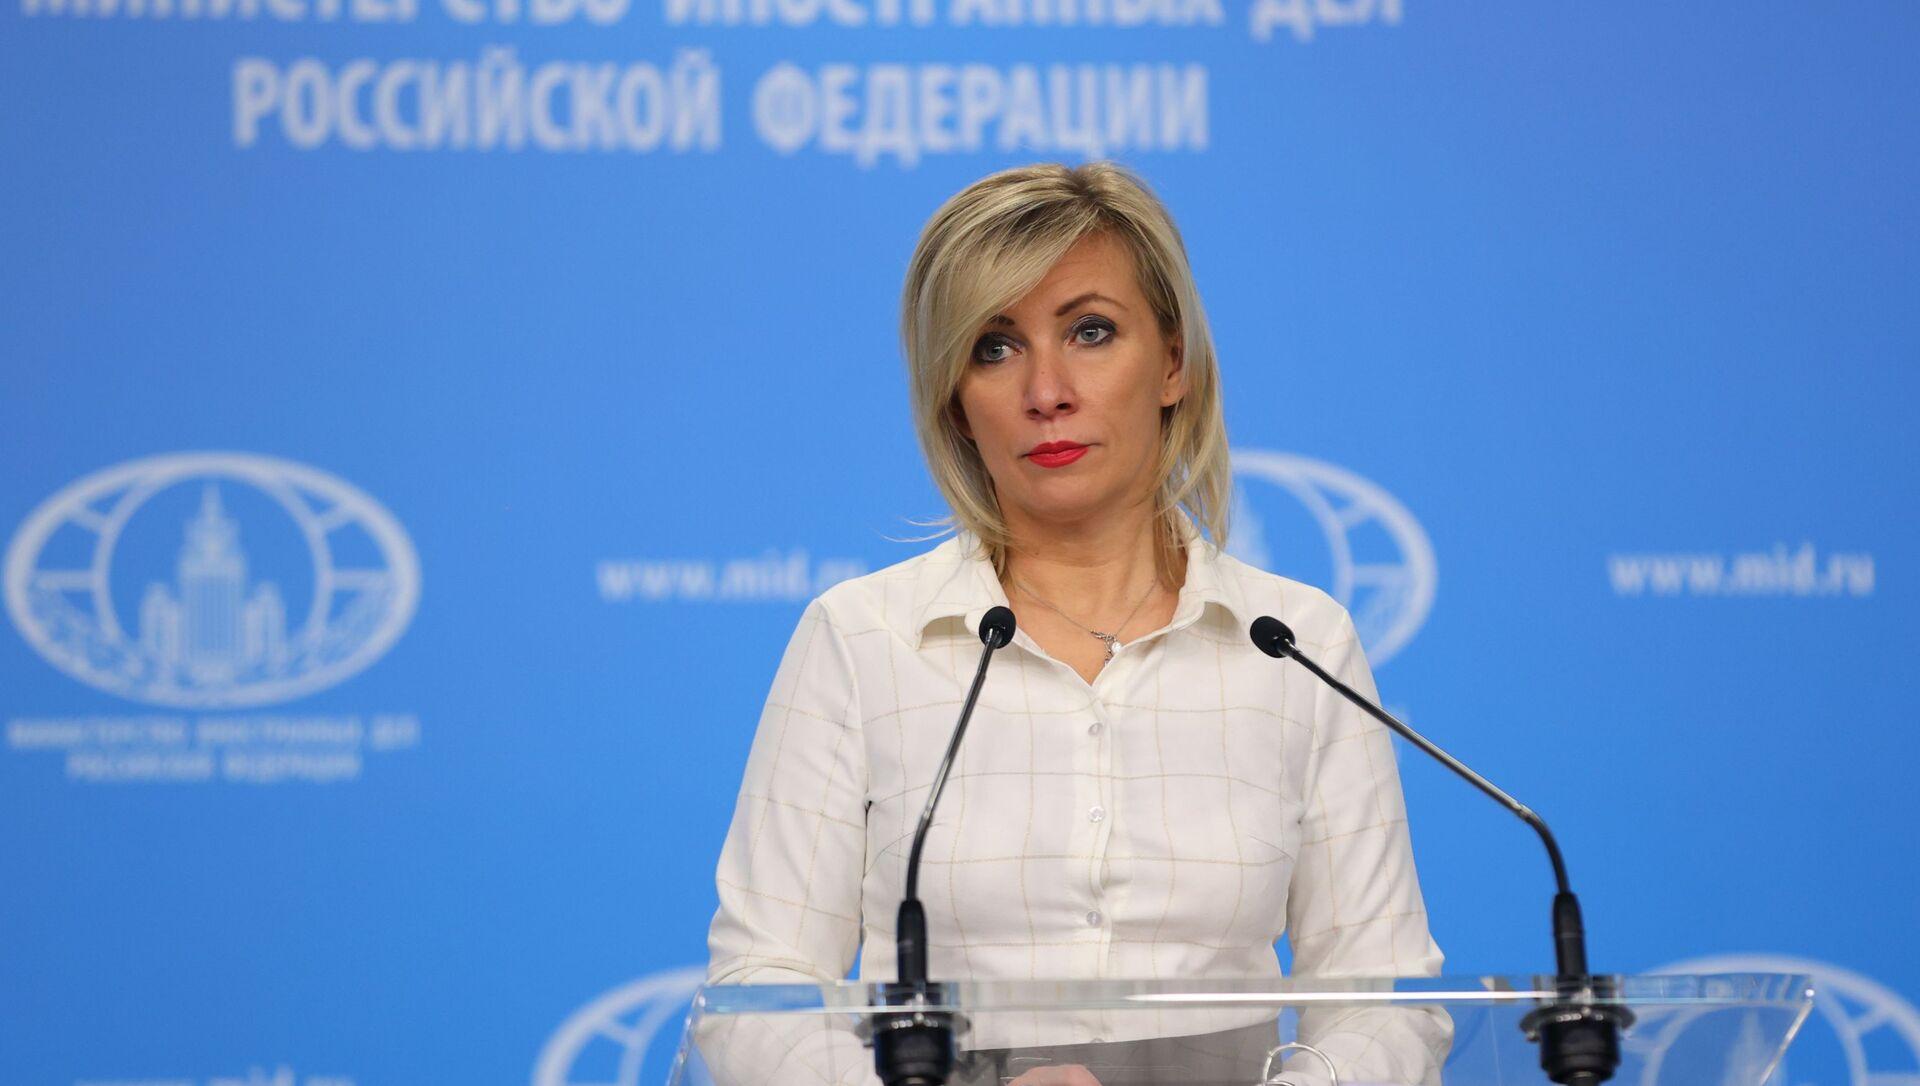 Официальный представитель Министерства иностранных дел РФ Мария Захарова - Sputnik Беларусь, 1920, 04.02.2021